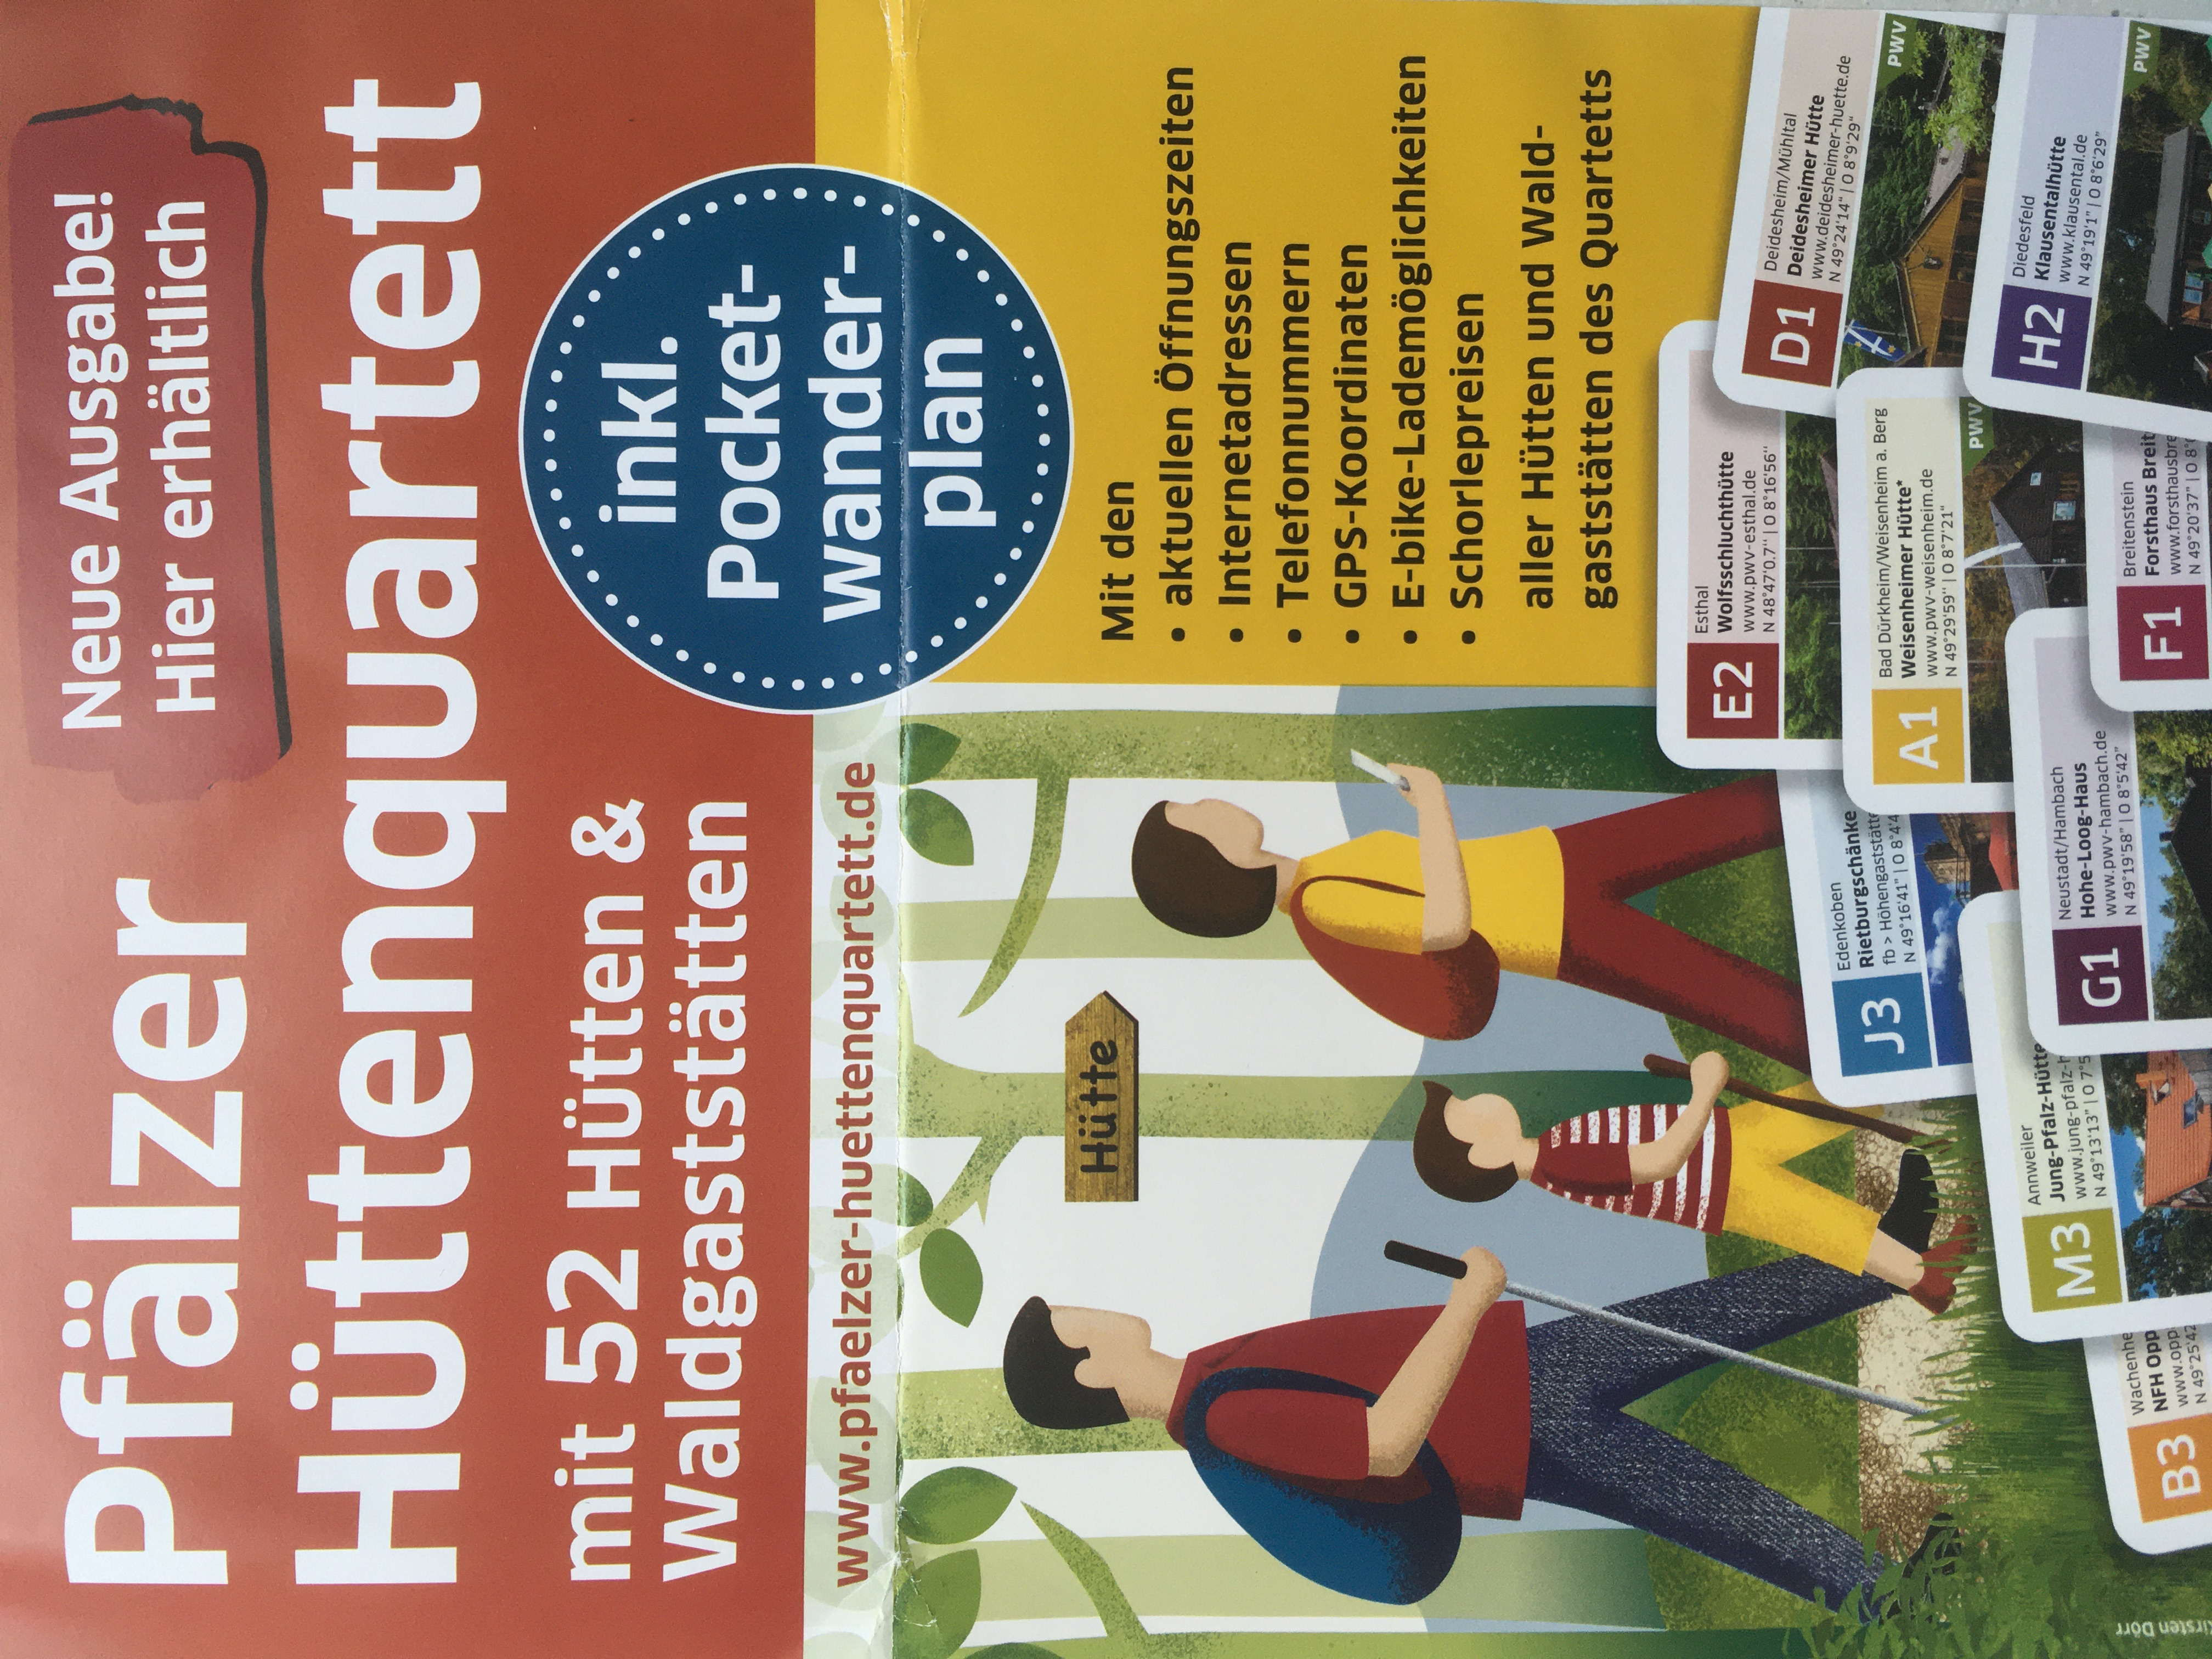 Pfälzer Hüttenquartett neu 5. Auflage Pfälzer Wald Hütten Rieslingschorle Leberknödel Durchmesser Kartenspiel